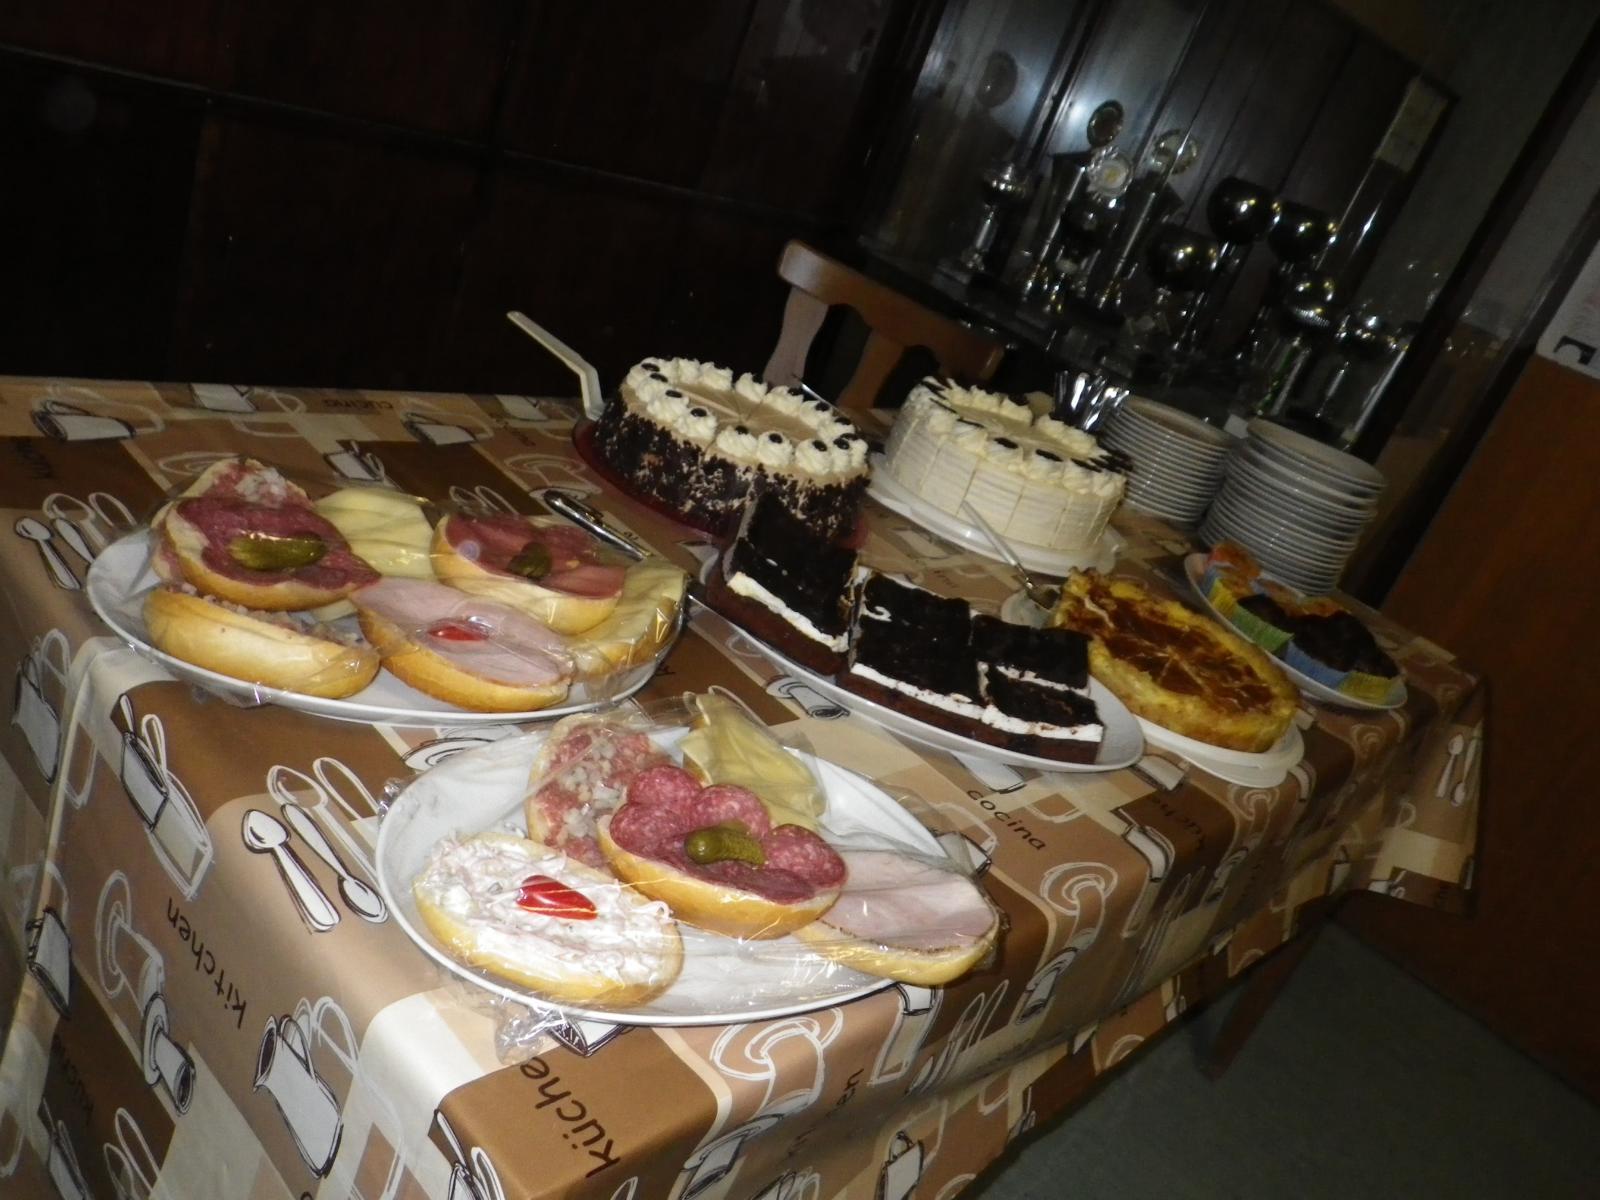 Ob Kuchen oder belegte Brötchen - beides steht bereit. Nicht nur die Vereinsmitglieder, auch deren Ehemänner und -frauen waren fleißig am Backen.